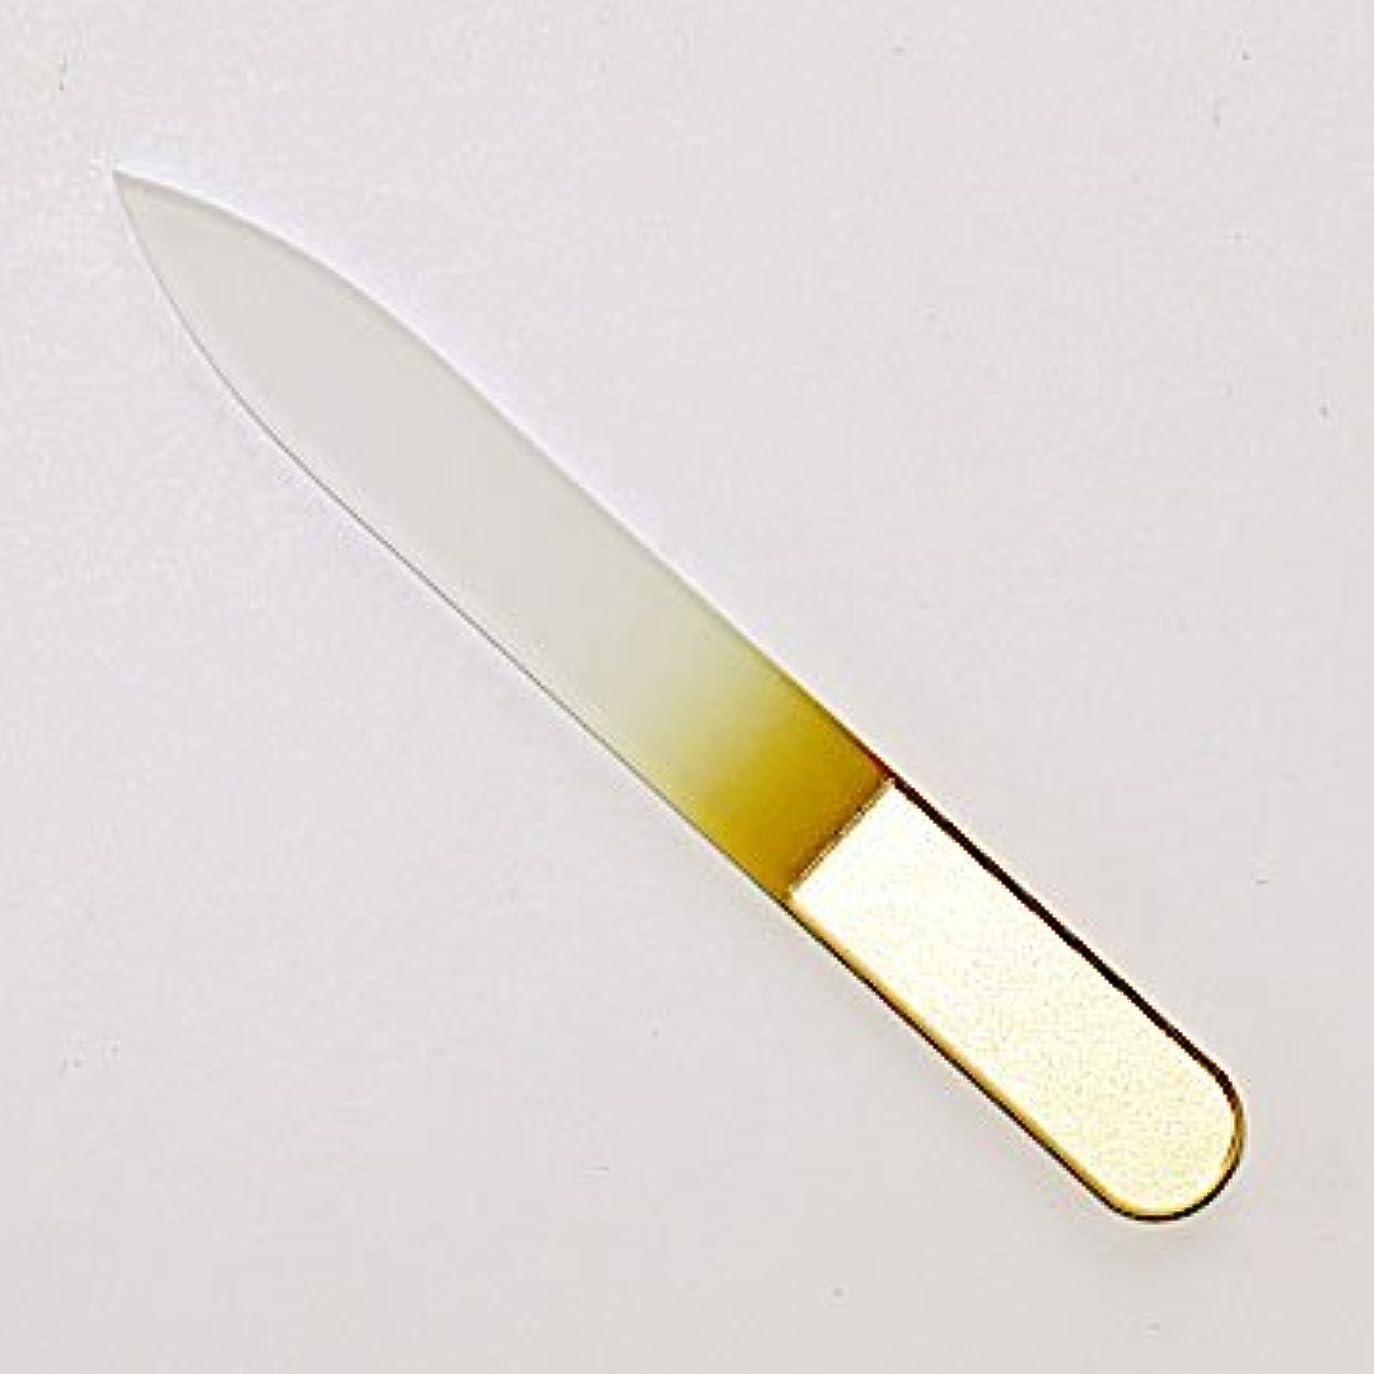 感嘆プログラム避難チェコ製 AXiON(アクシオン)ガラス製爪ヤスリ(ゴールド)両面タイプ #slg009614fba